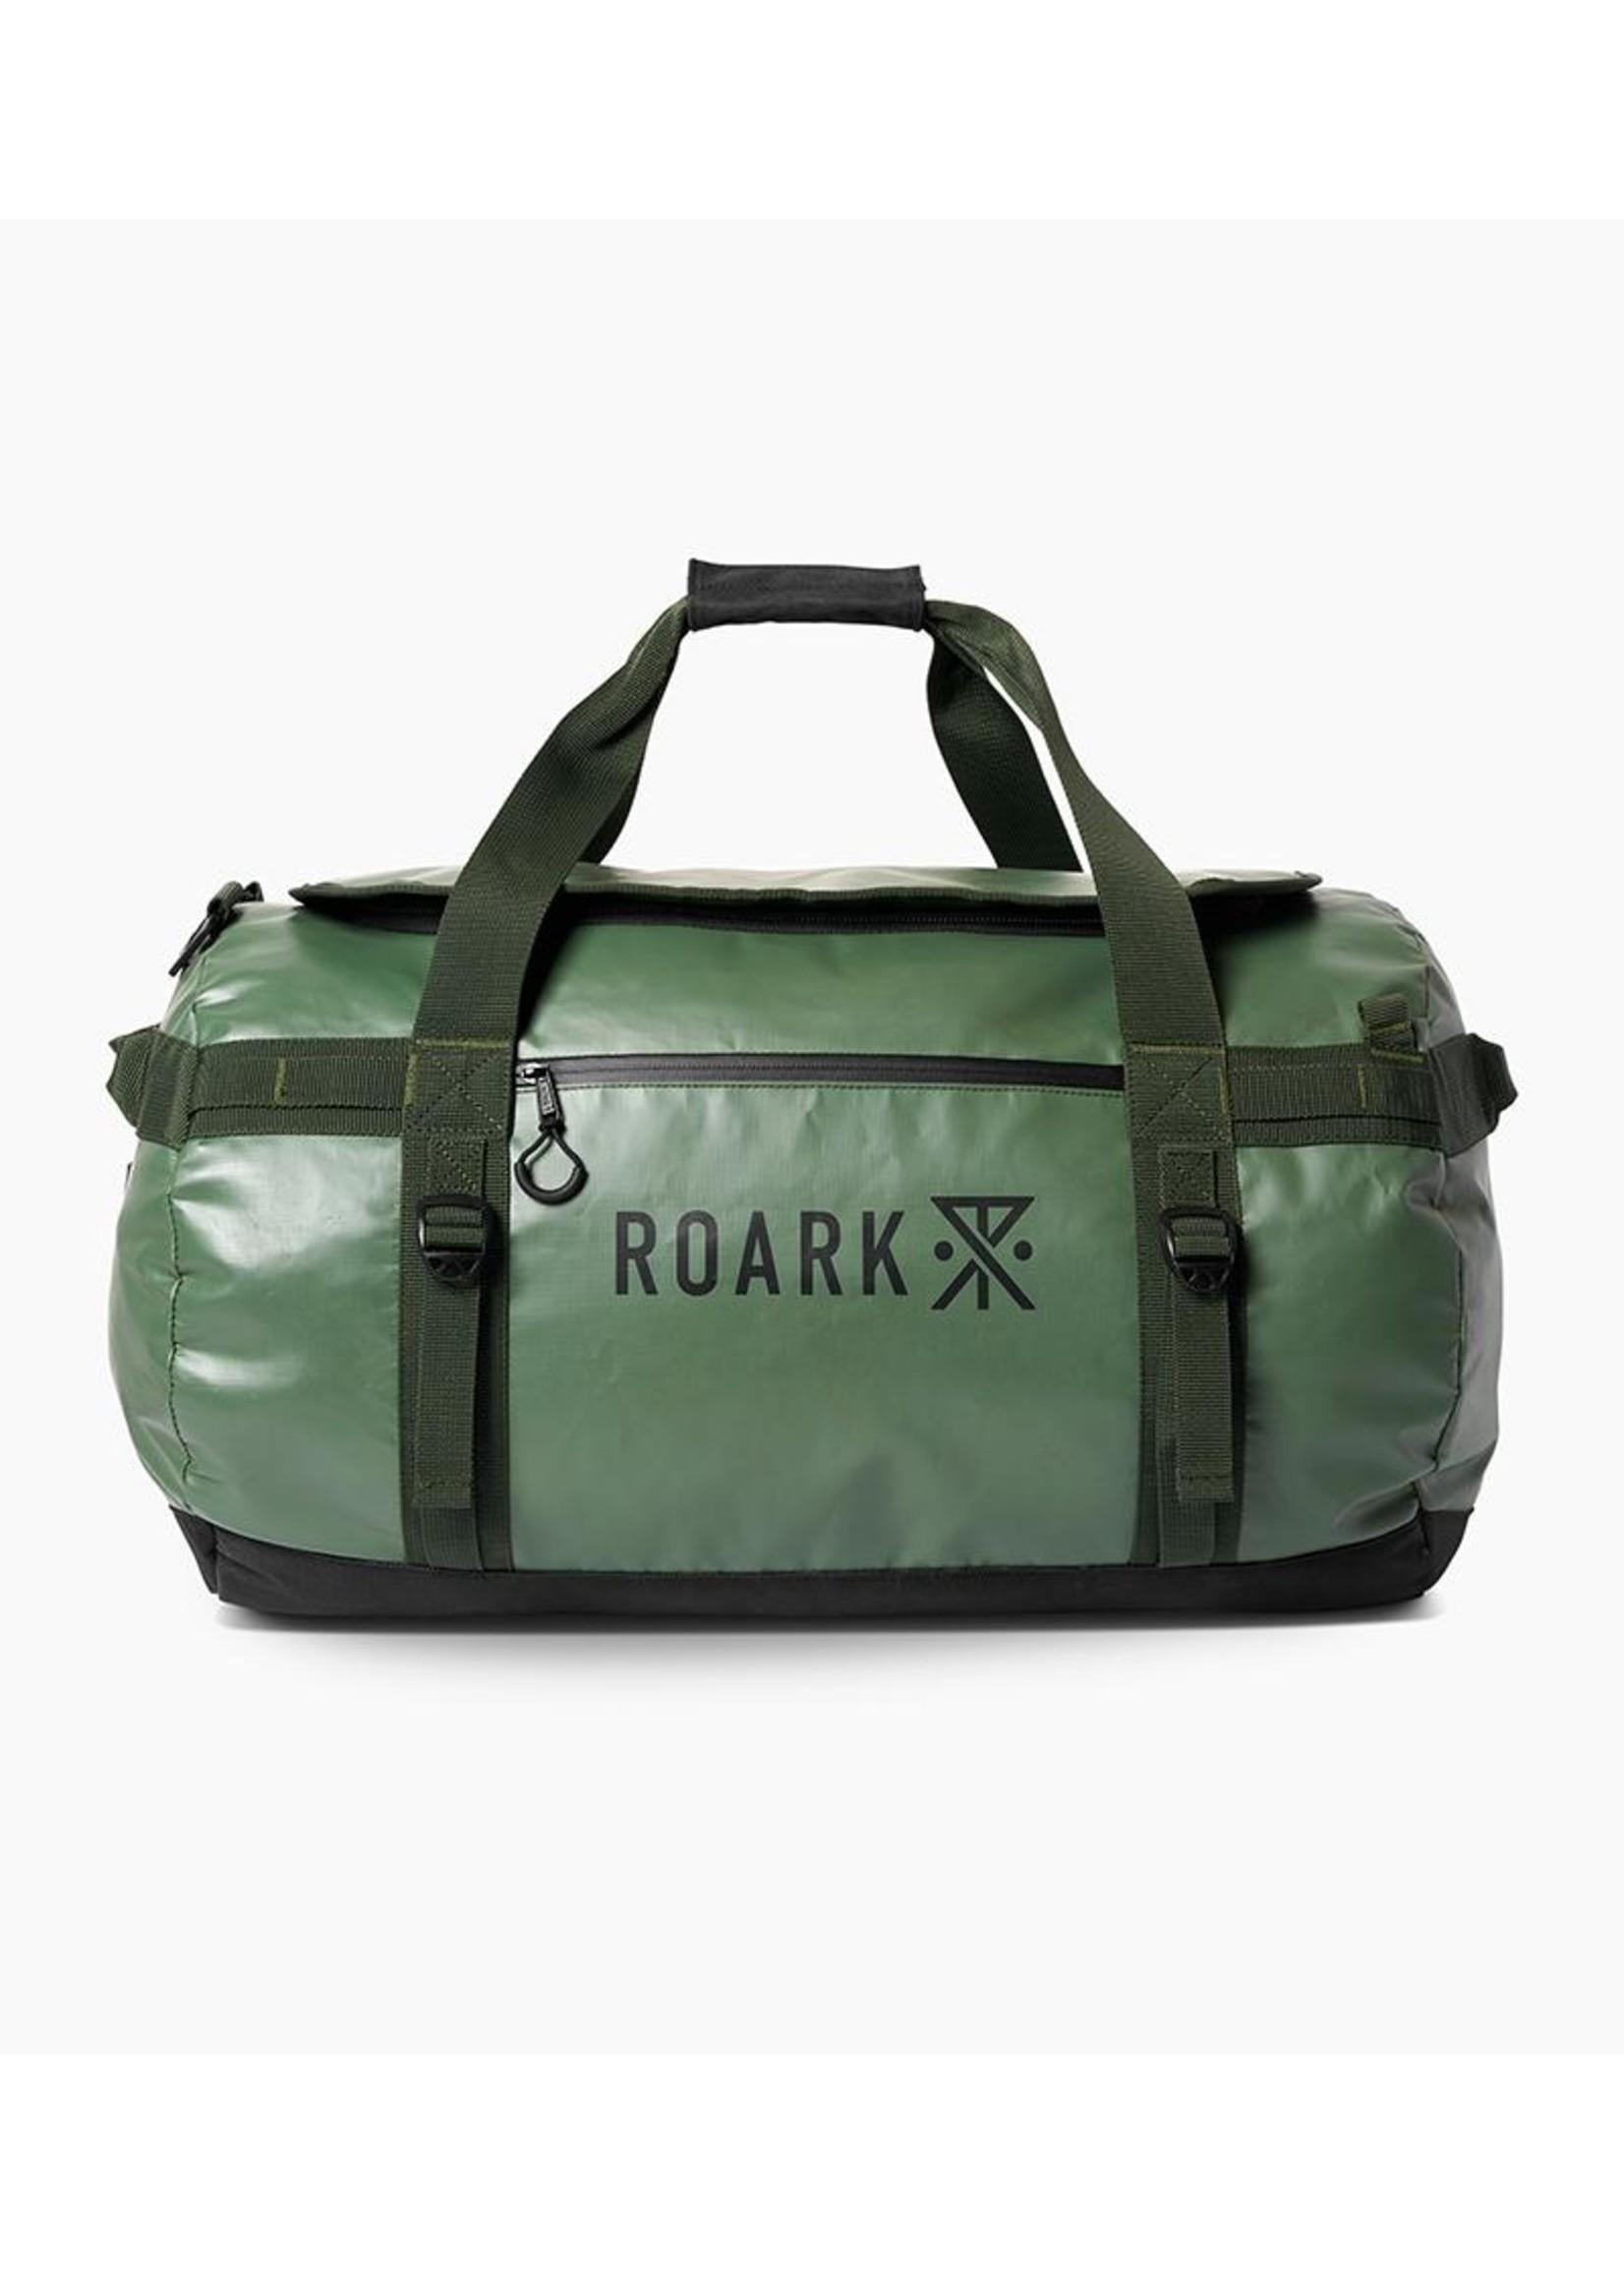 Roark KEG DUFFLE BAG 80L